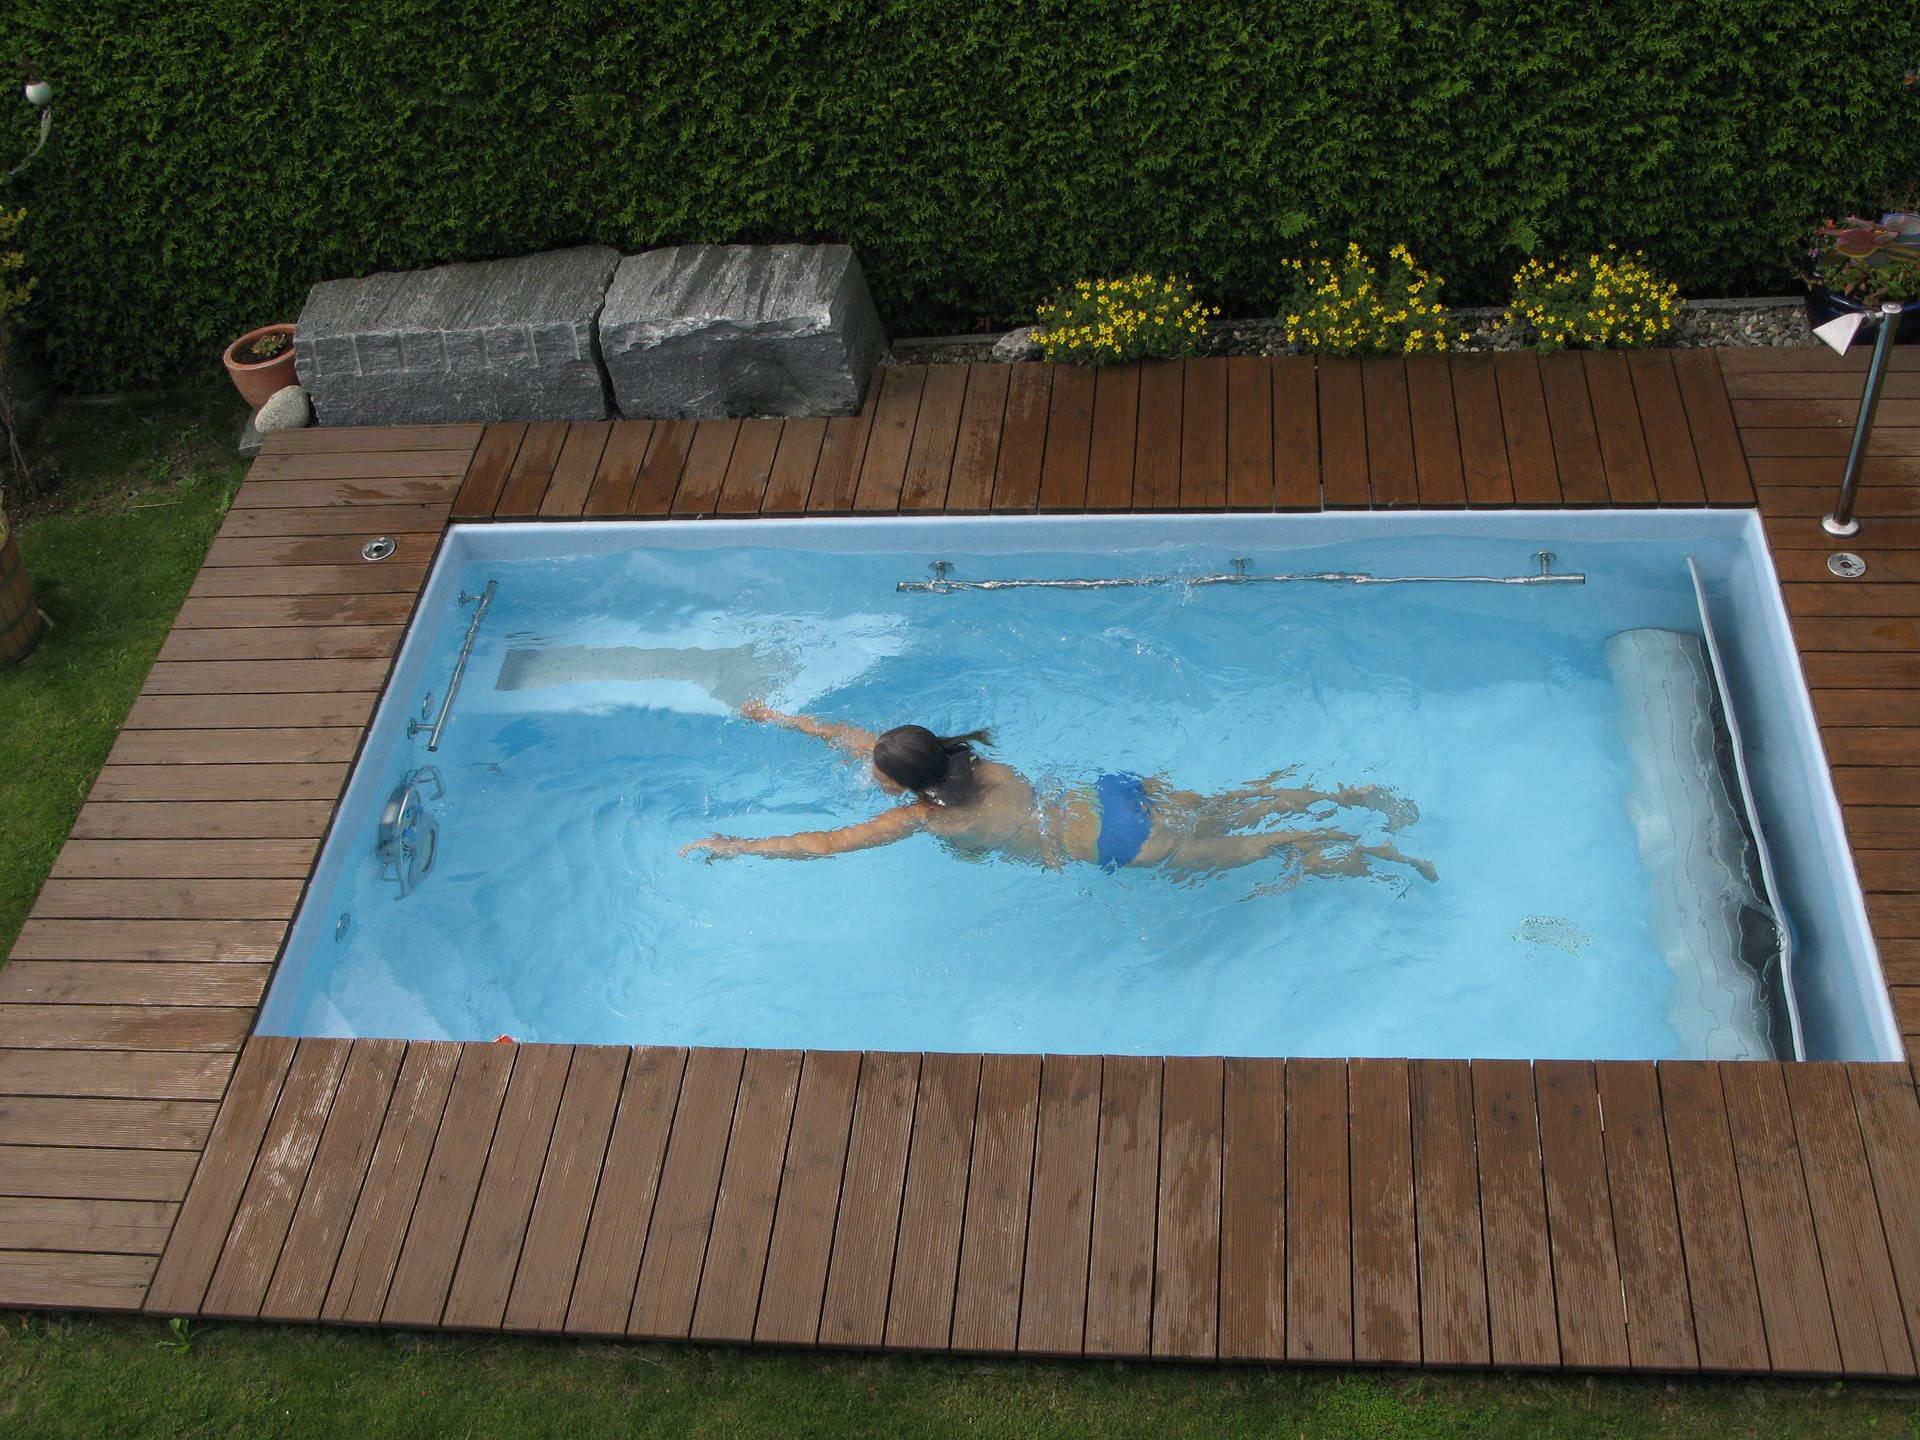 Full Size of Gebrauchte Gfk Pools Kaufen Mini Pool Online Garten Sofa Gnstig Kche Bad Guenstig Einbauküche Küche Verkaufen Regale Betten Fenster Wohnzimmer Gebrauchte Gfk Pools